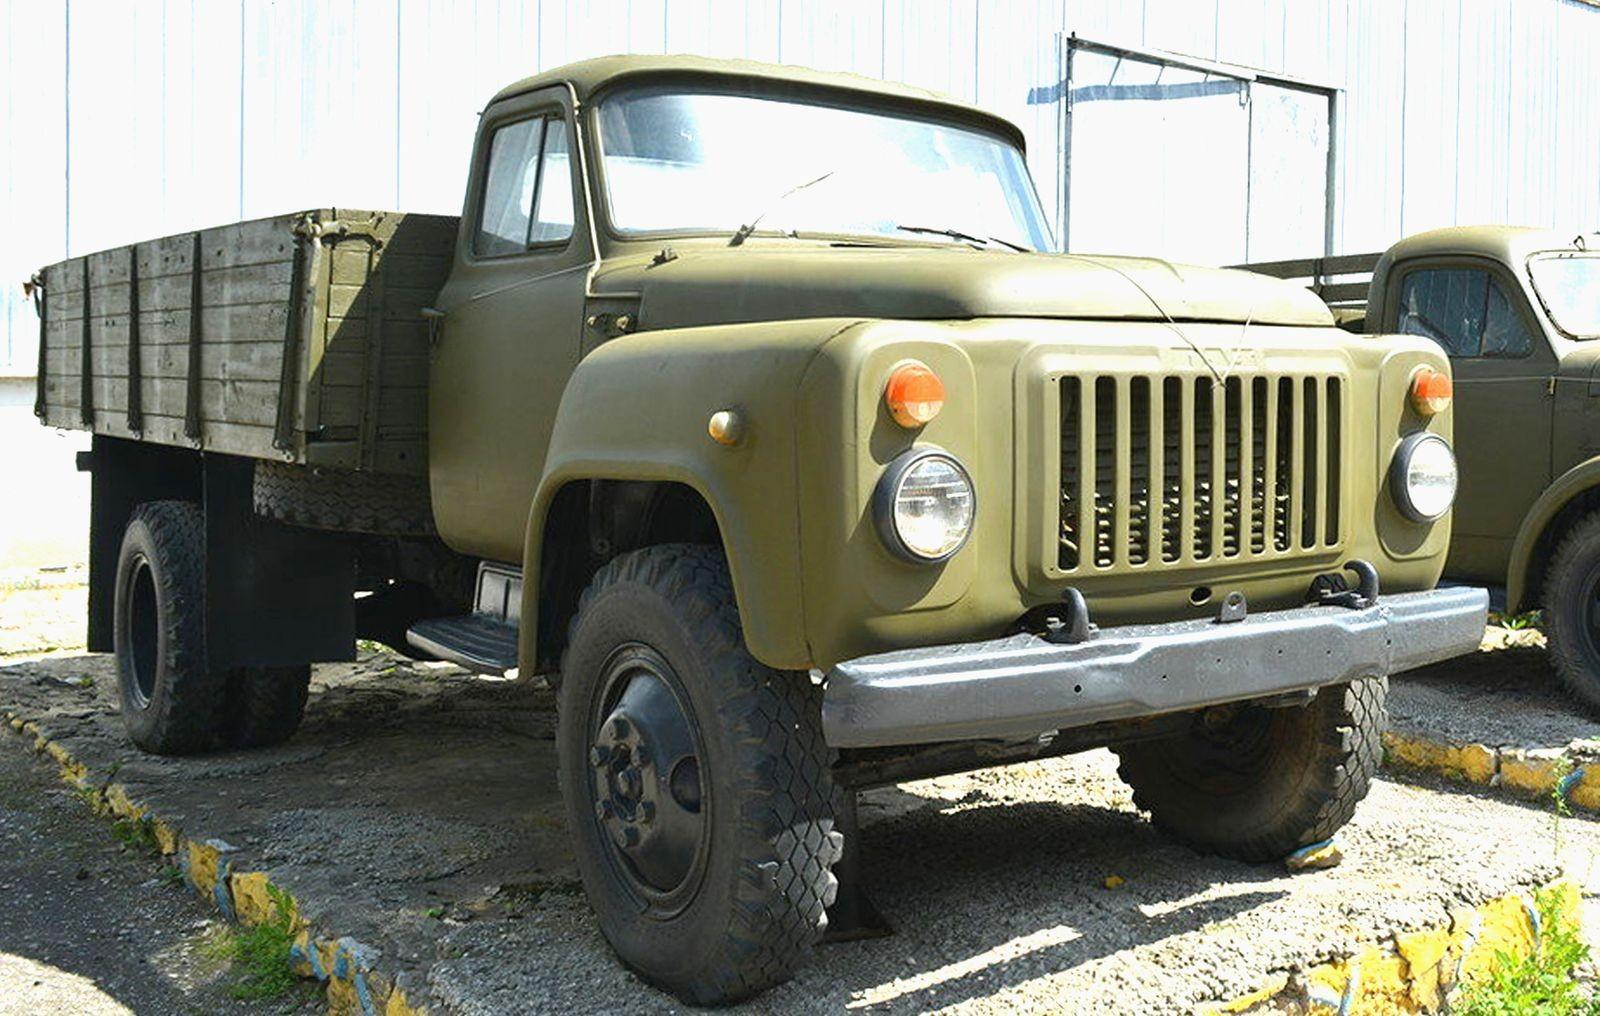 ГАЗ-3301, ЗИЛ-4334, МАЗ-6317 и другие: малоизвестные военные грузовики позднего СССР